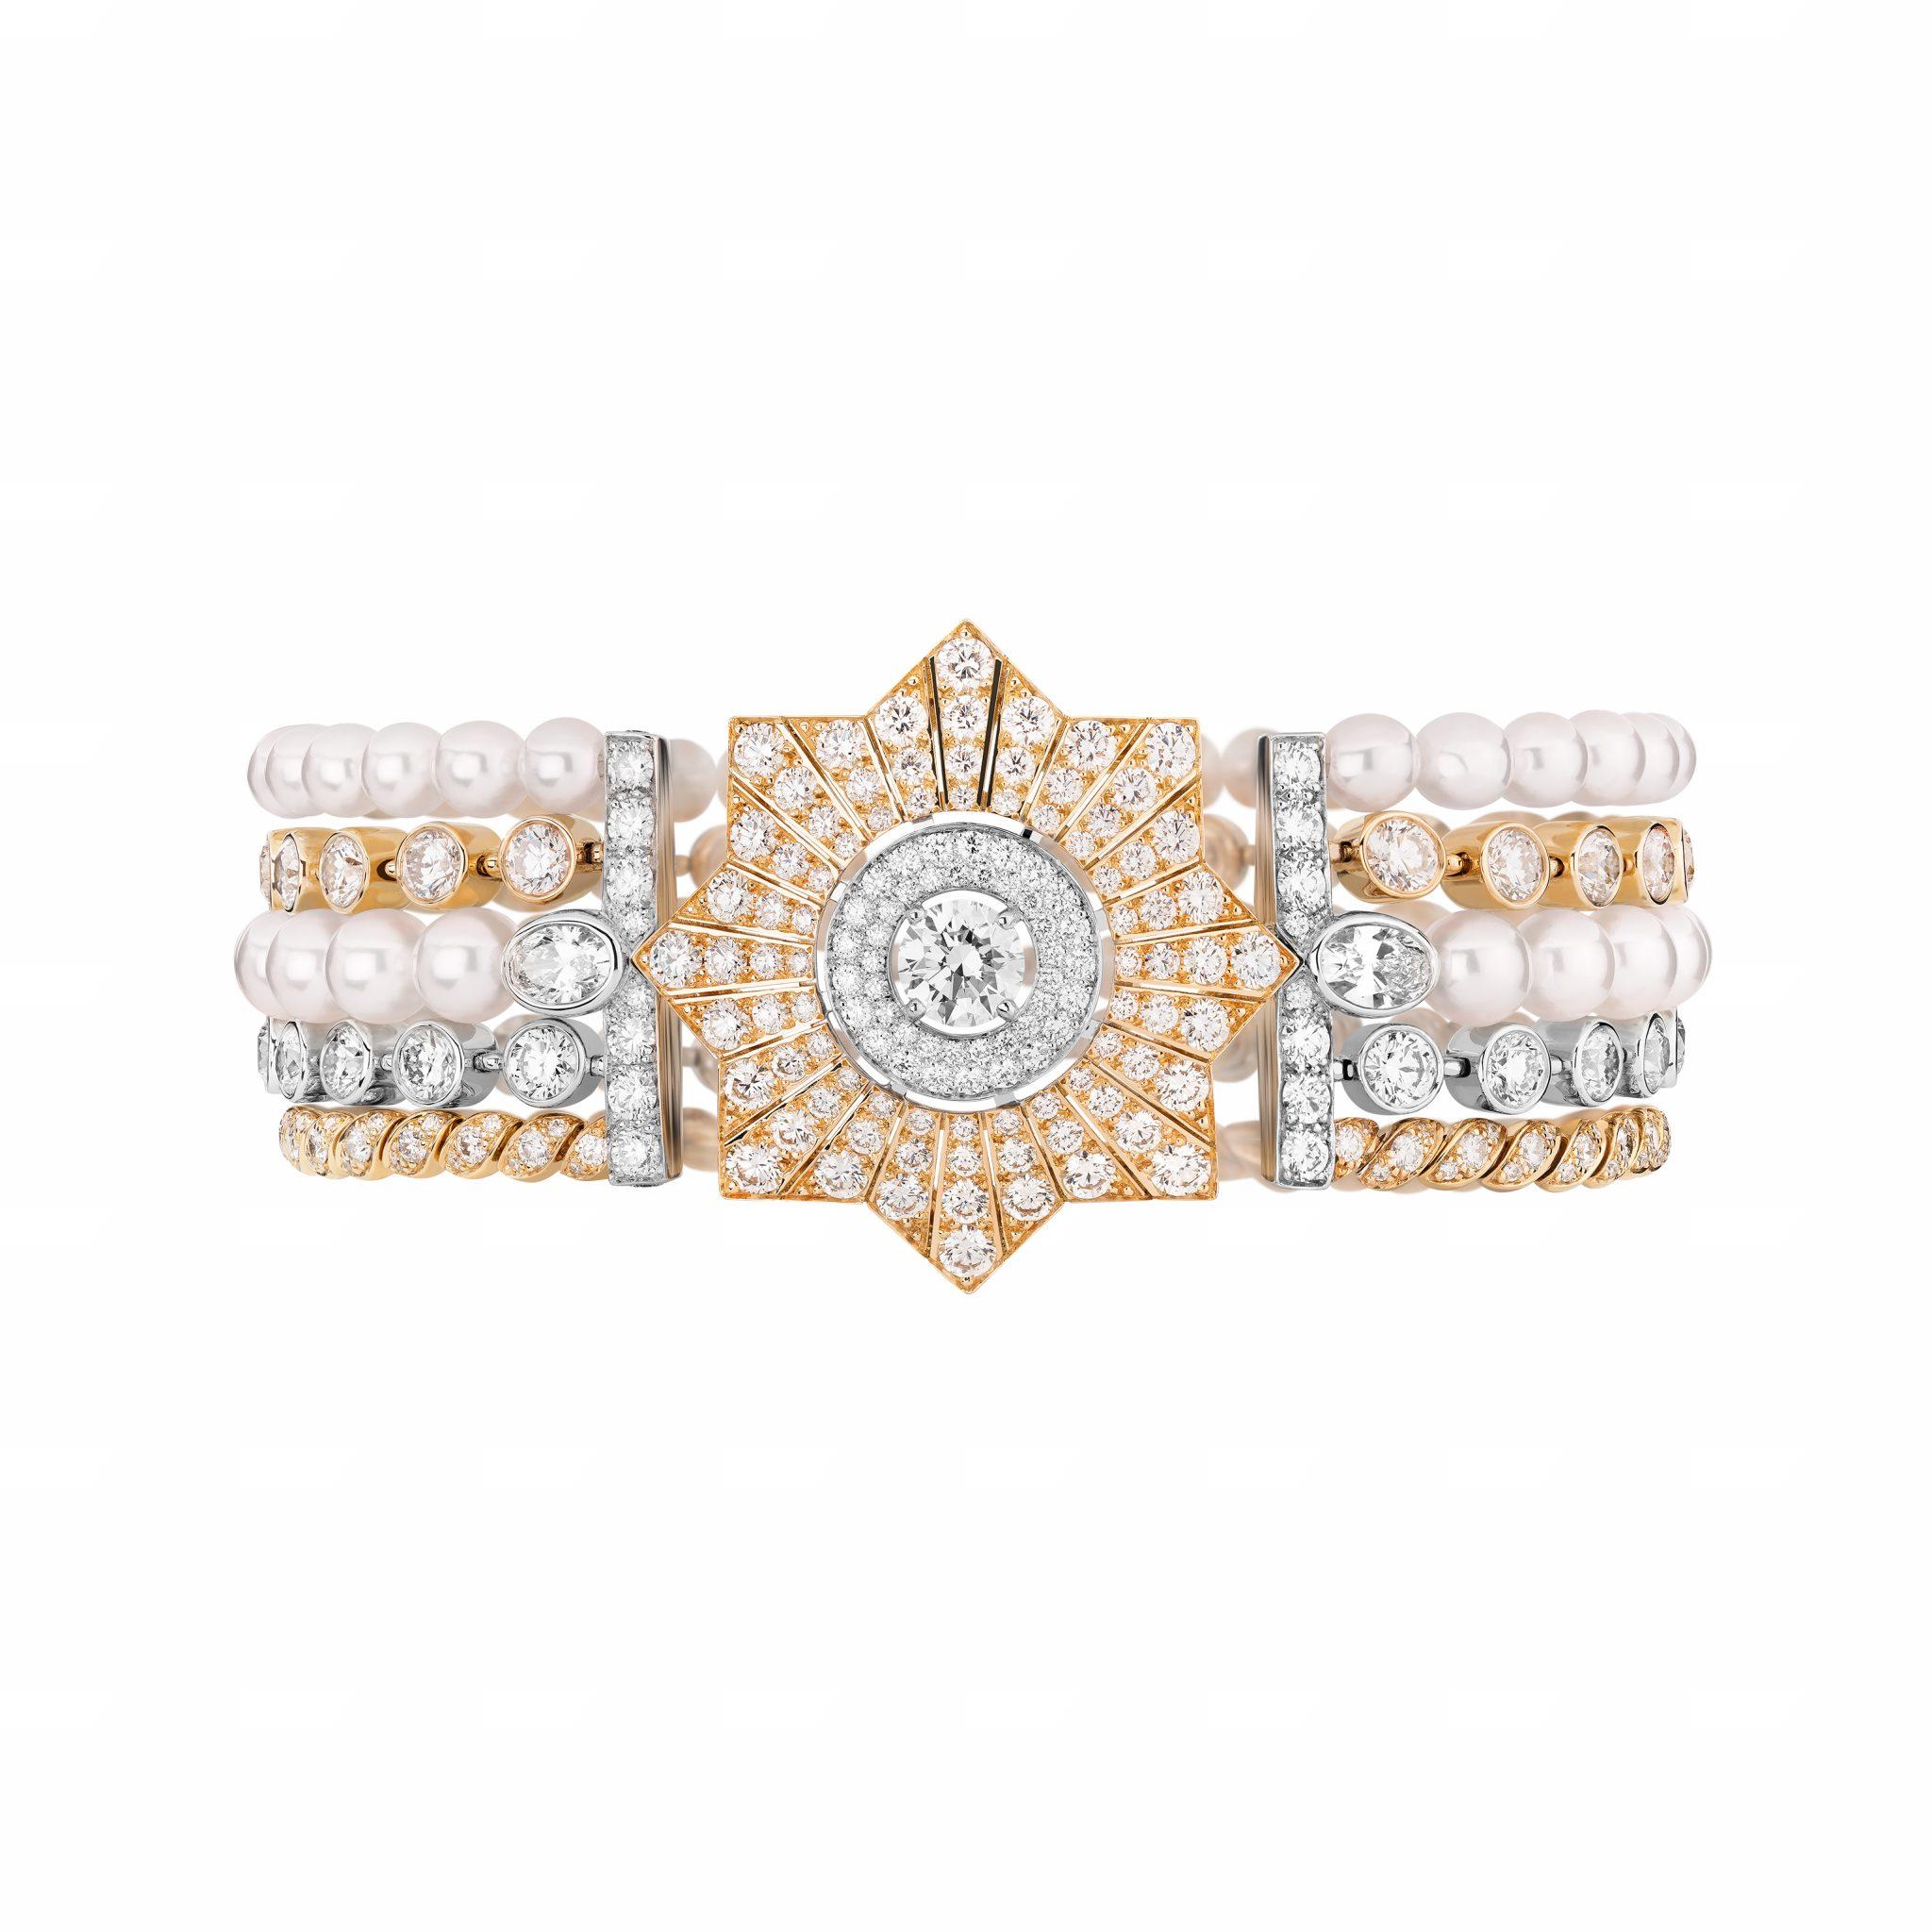 Médaille Solaire bracelet CHANEL Esprit de Gabrielle espritdegabrielle.com